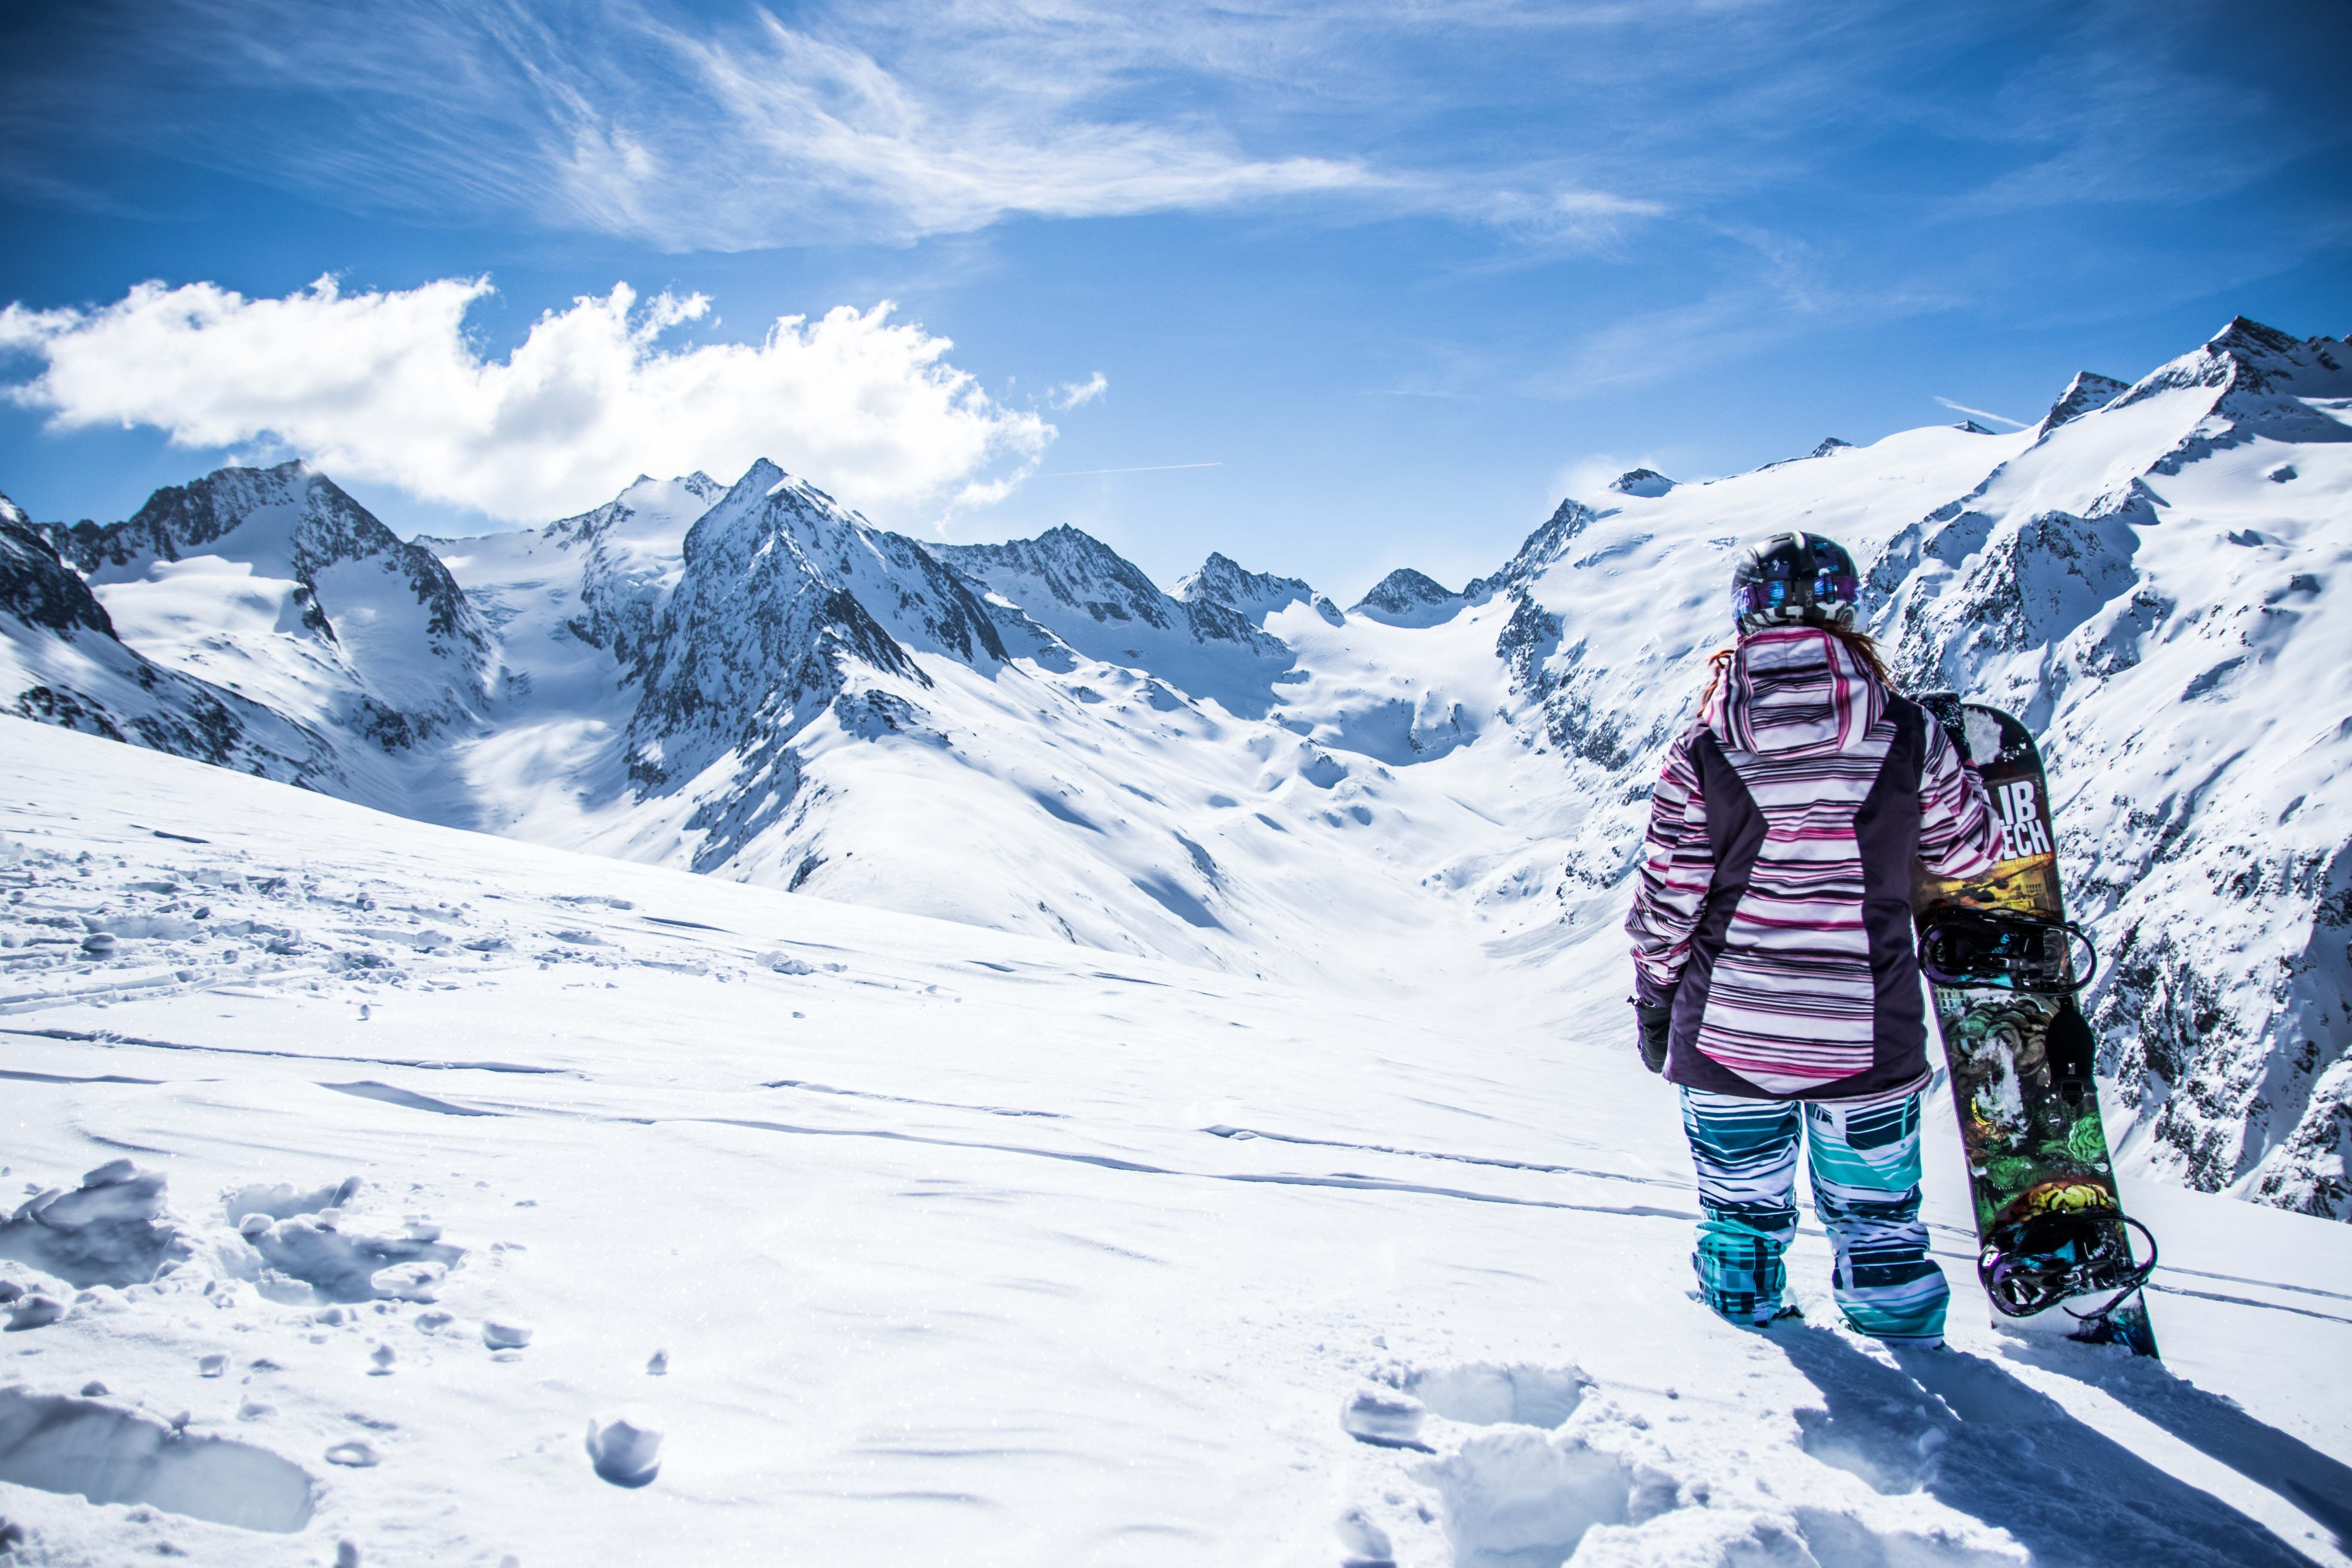 soelden snowboarding photography